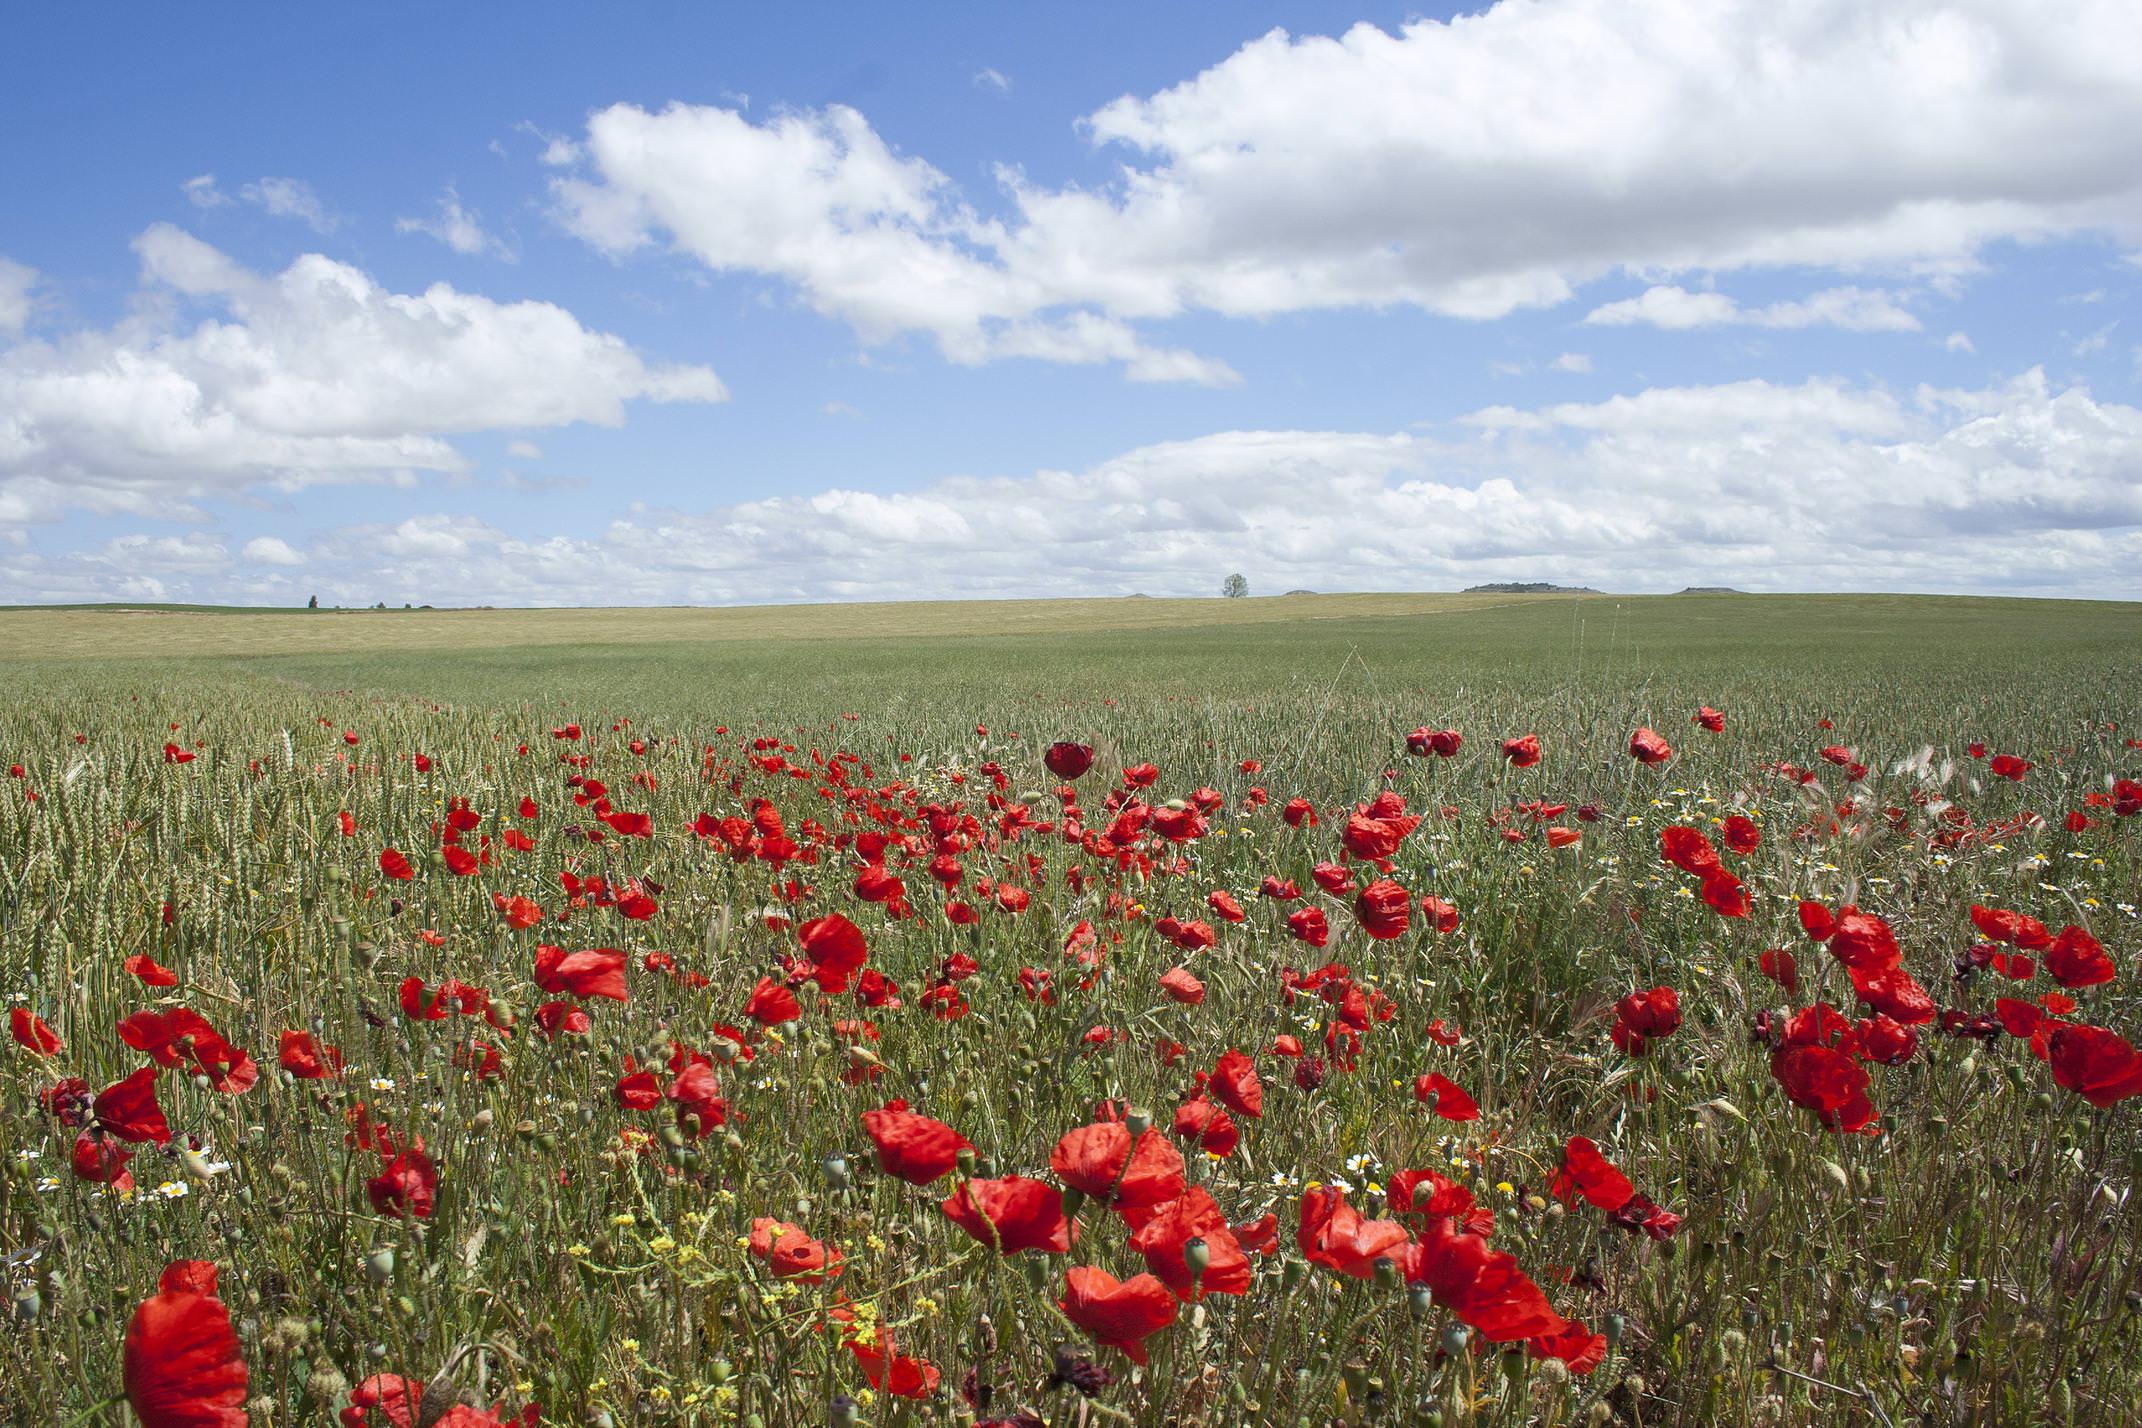 Spain burgos camino castrojeriz tierra de campos poppies c dmartin